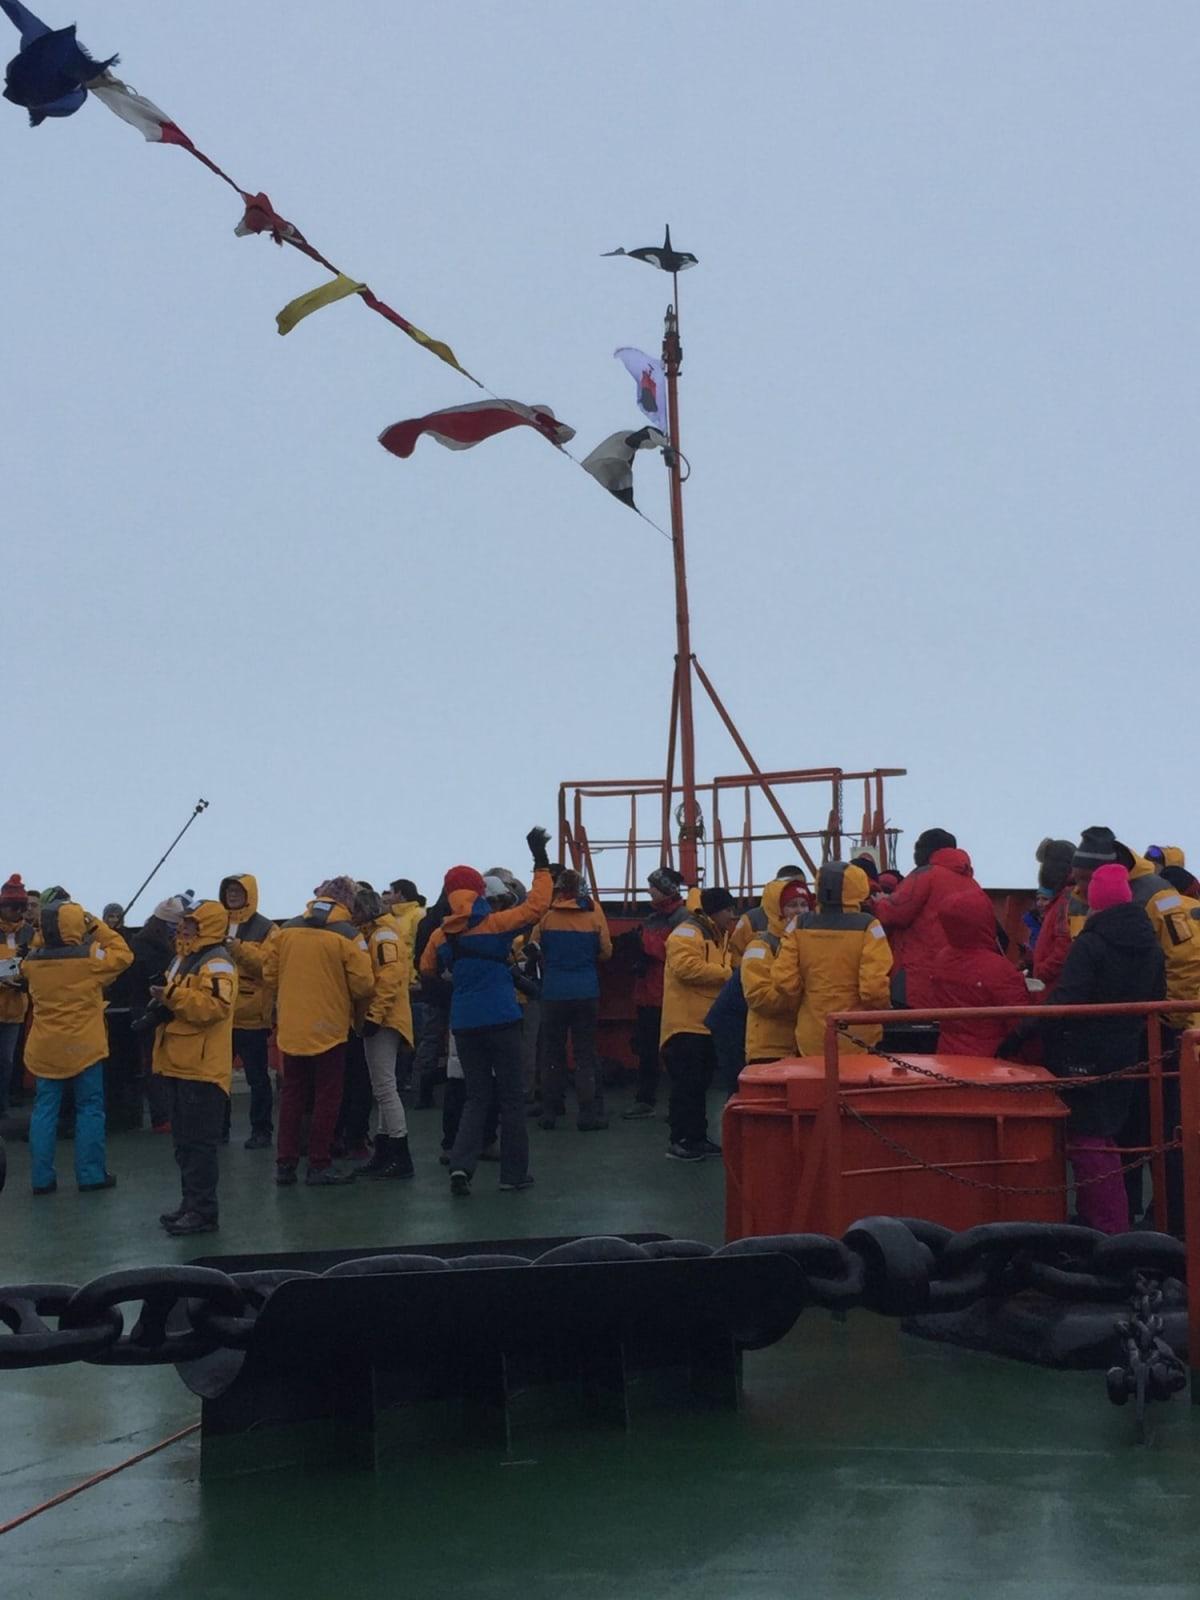 北極点到達のカウントダウンが始まり、到達時には、シャンペンコール! | 北極点での客船50イヤーズ・オブ・ヴィクトリー